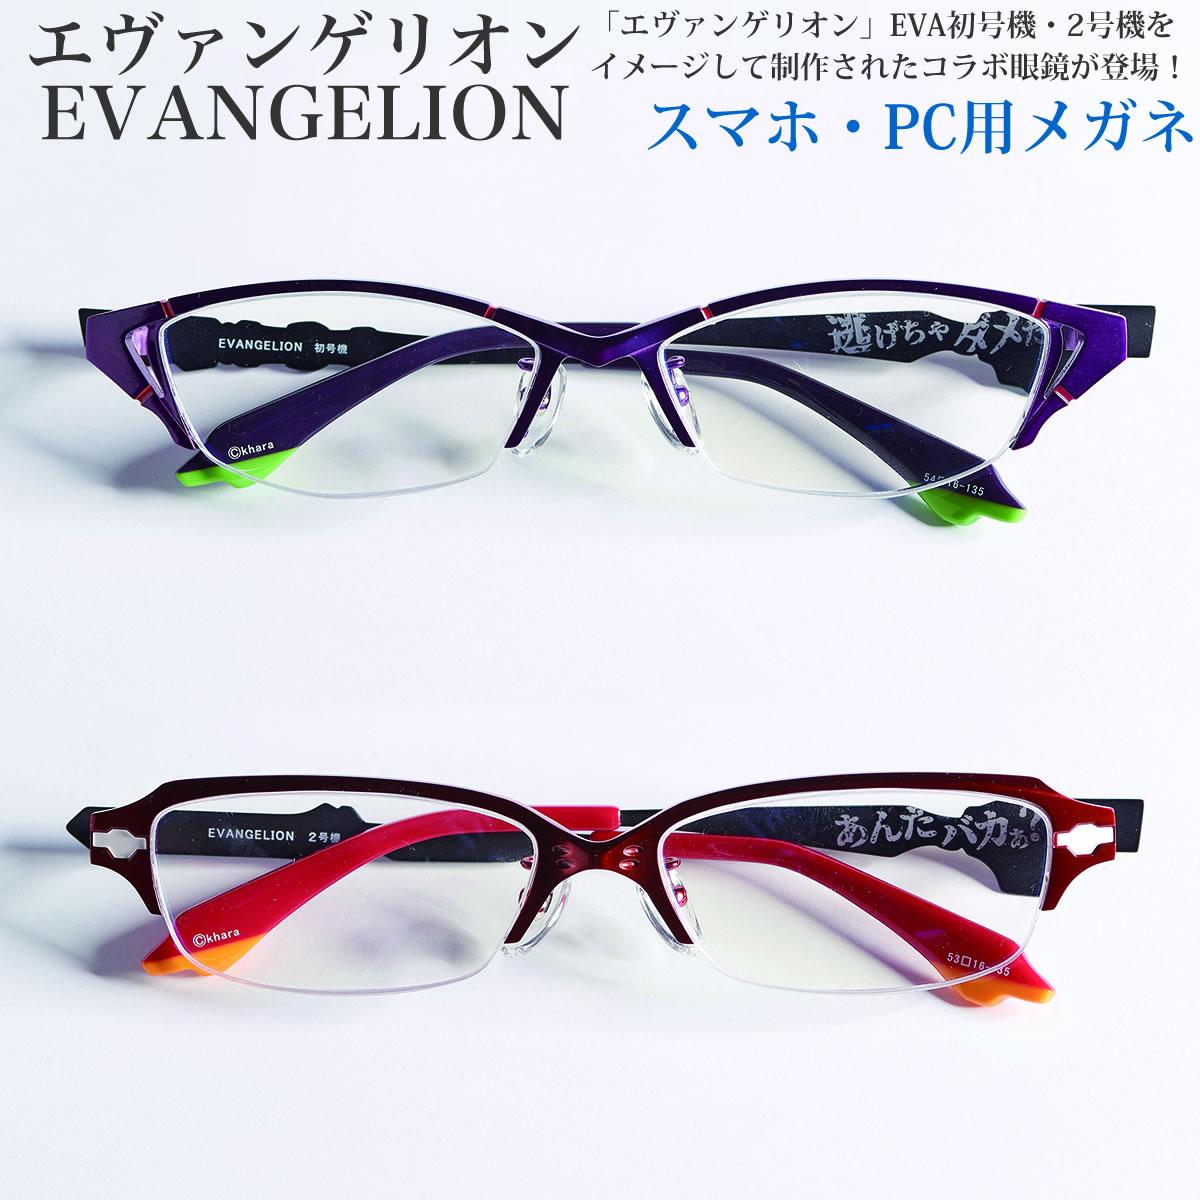 EVANGELION エヴァンゲリオン 01 エバ 初号機 弐号機 スクエア チタン コラボ メンズ